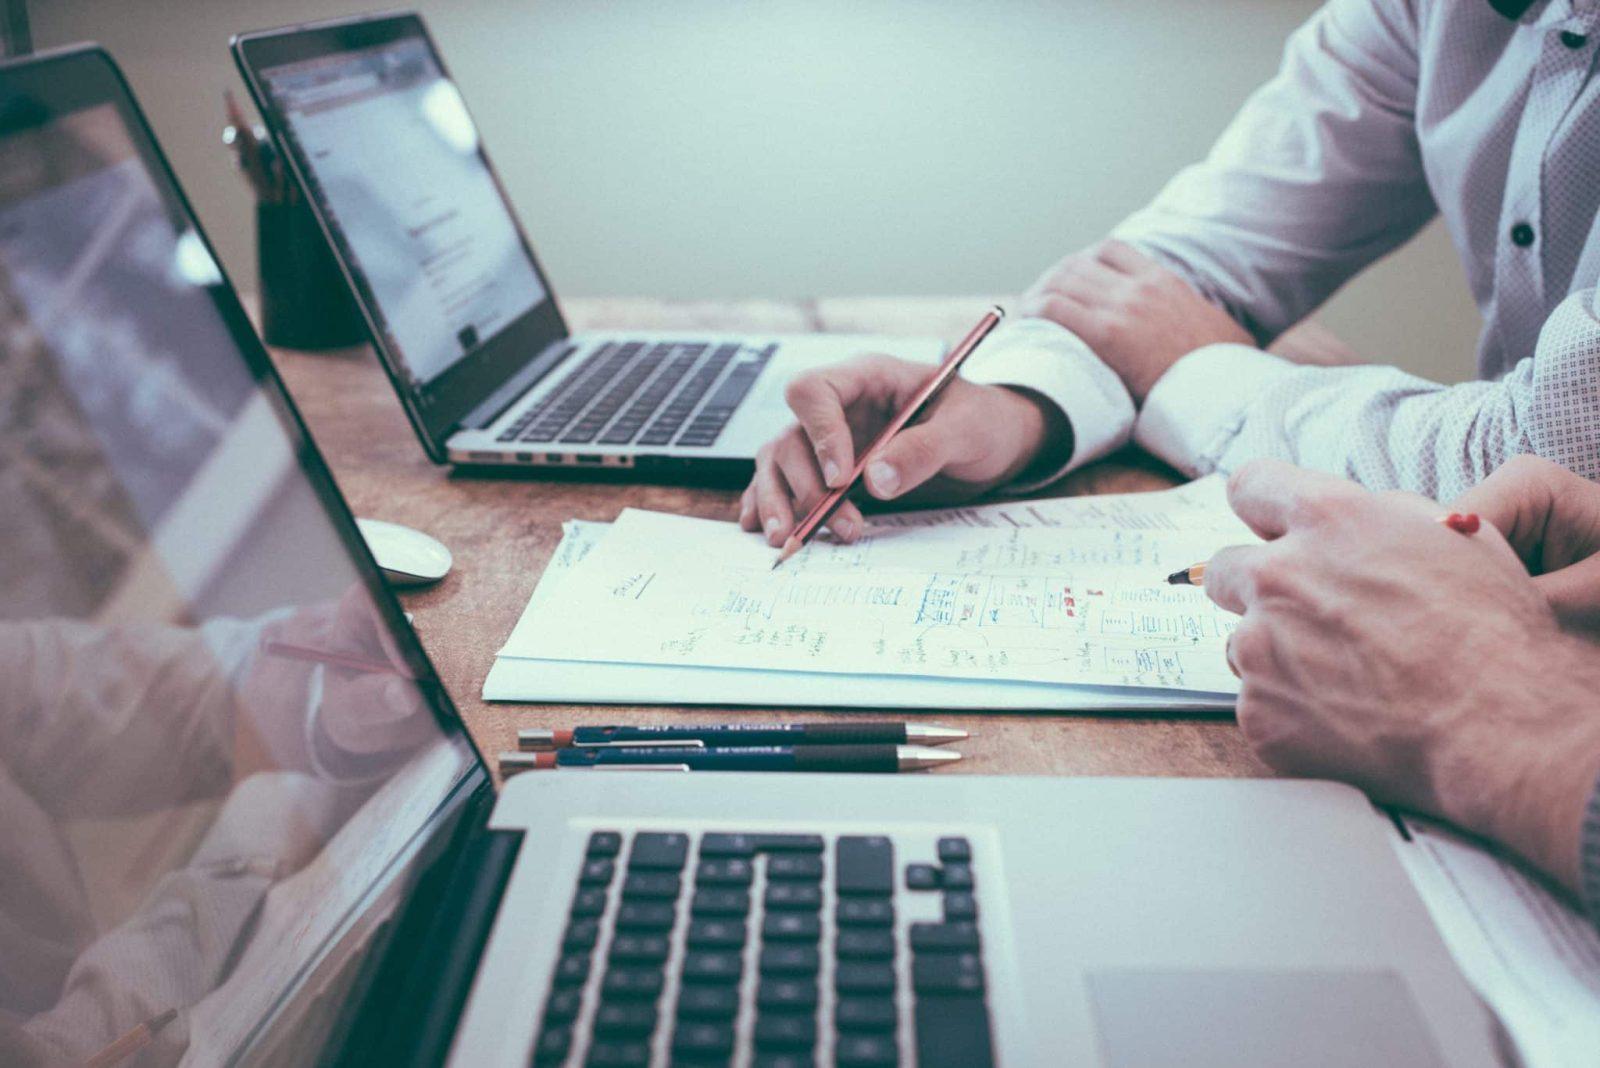 תכנון מס החייב בדיווח, תכנון מס חייב בדיווח